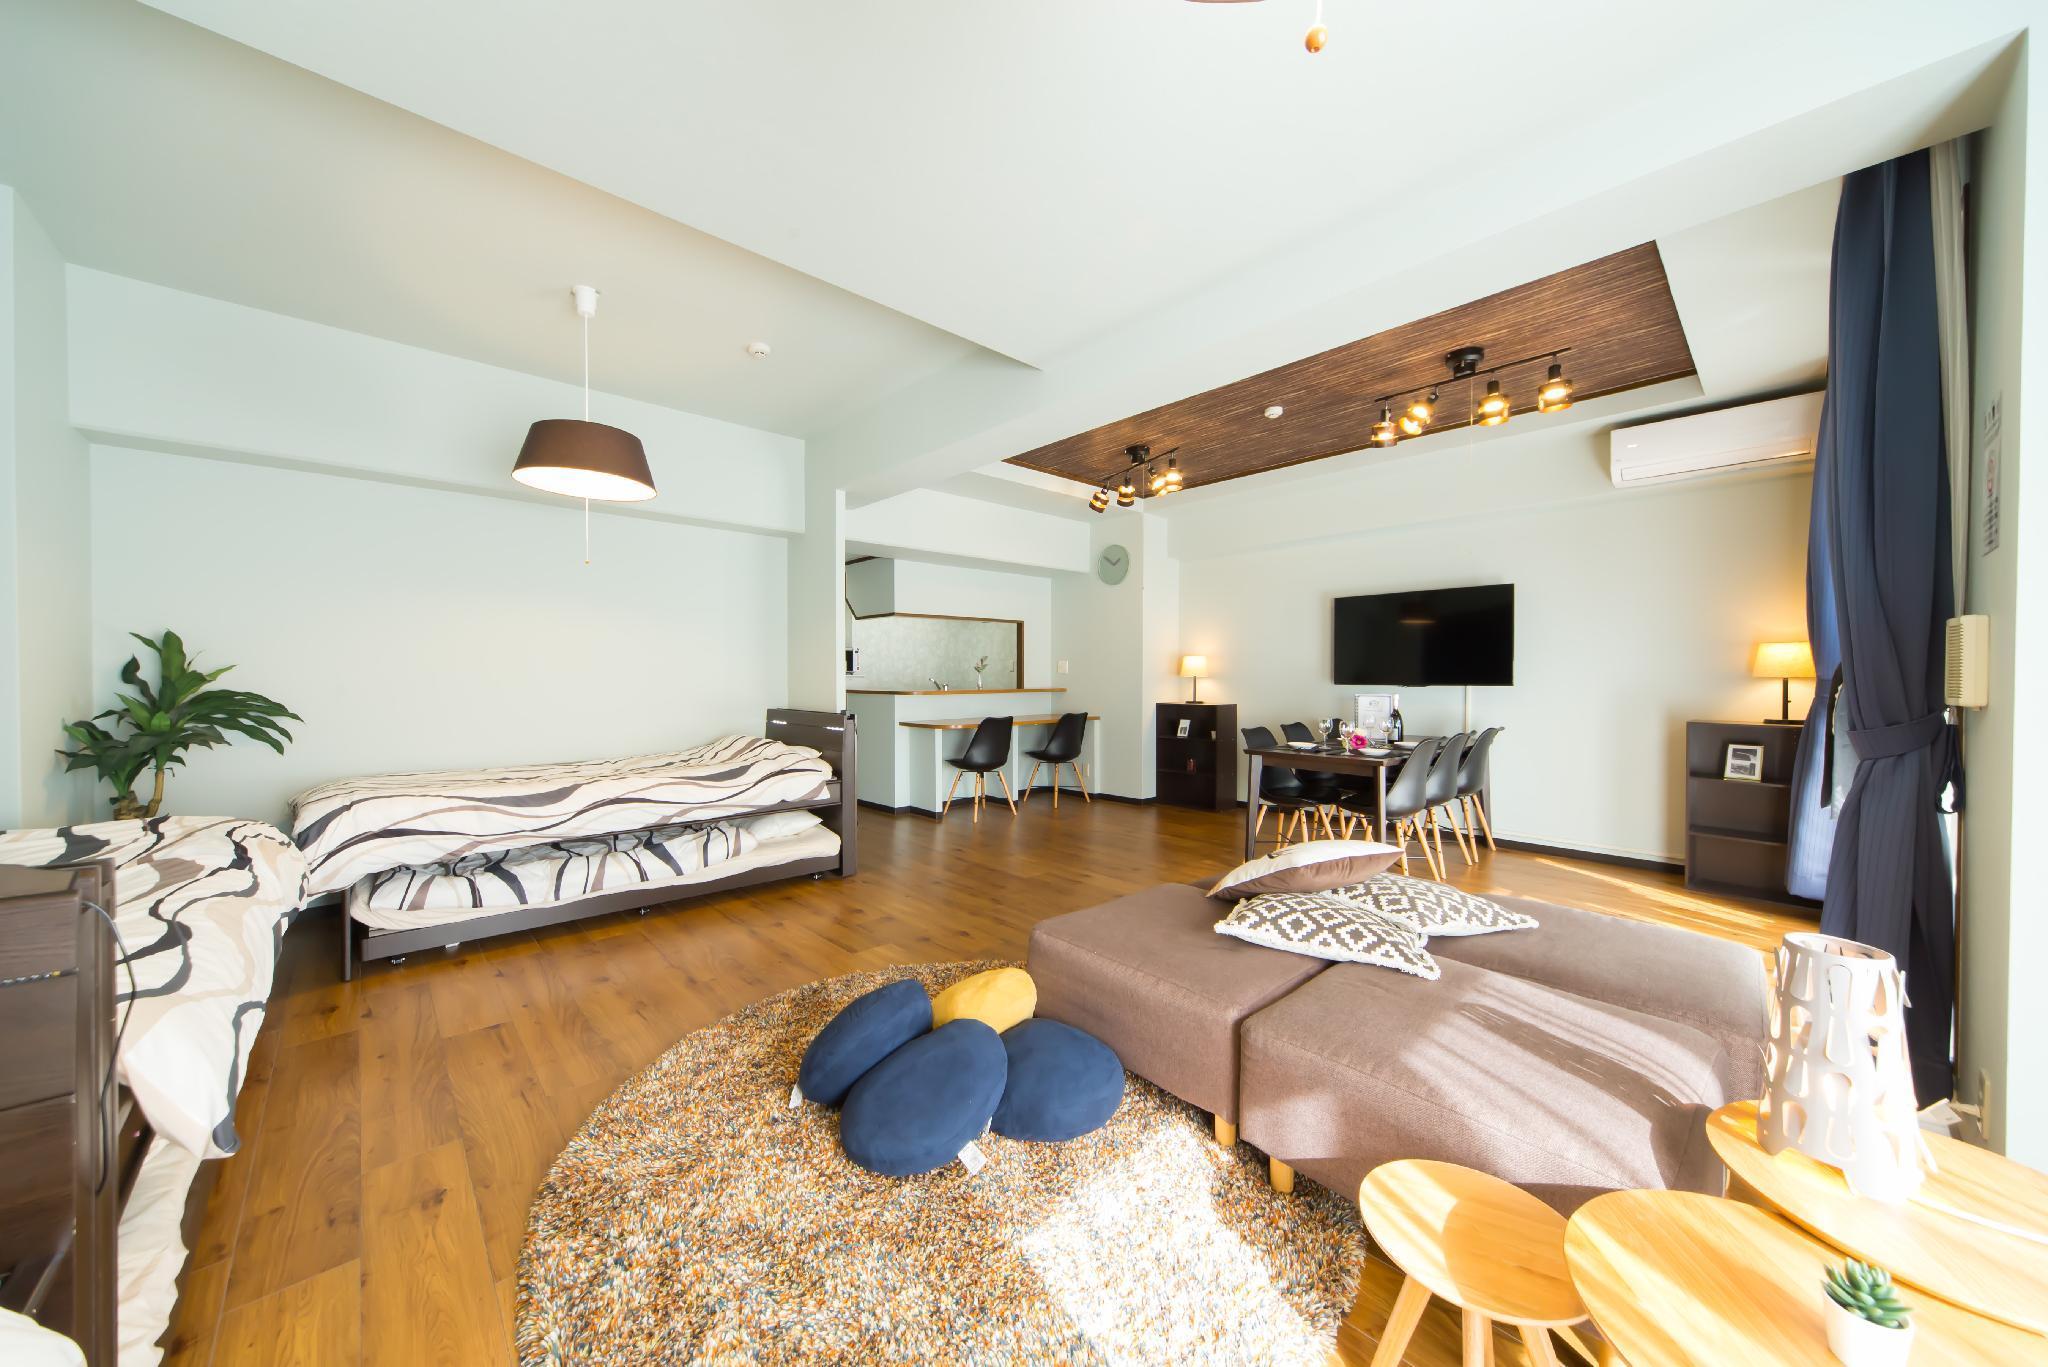 Apatel Suite In Dotonbori